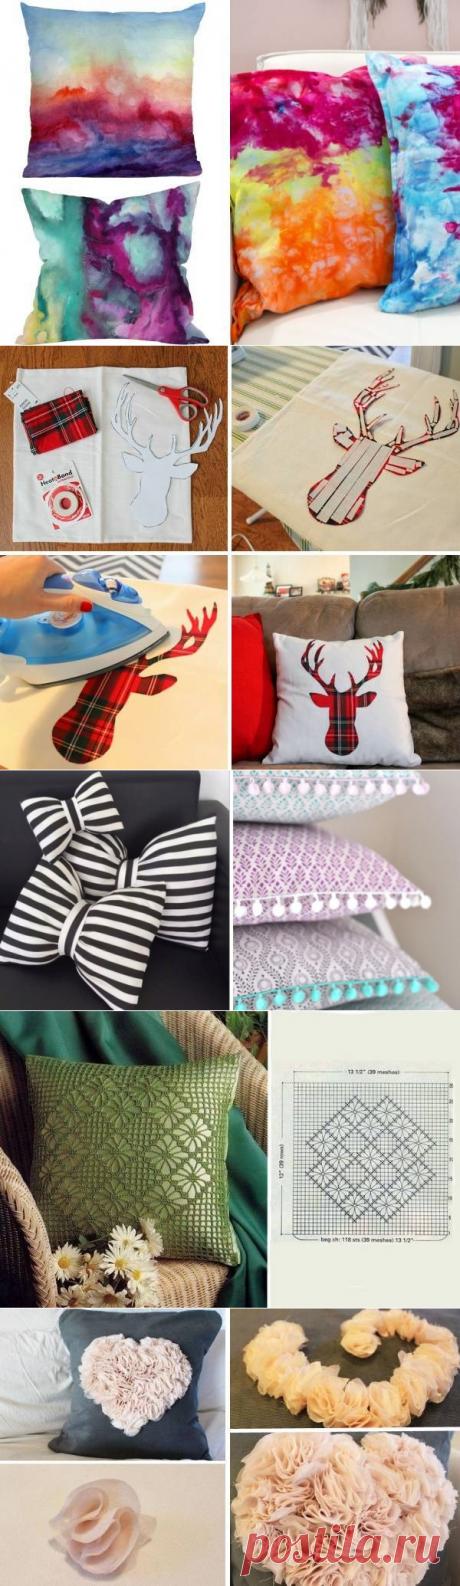 Диванные подушки своими руками: 20 великолепных идей — I Love Hobby — Лучшие мастер-классы со всего мира!